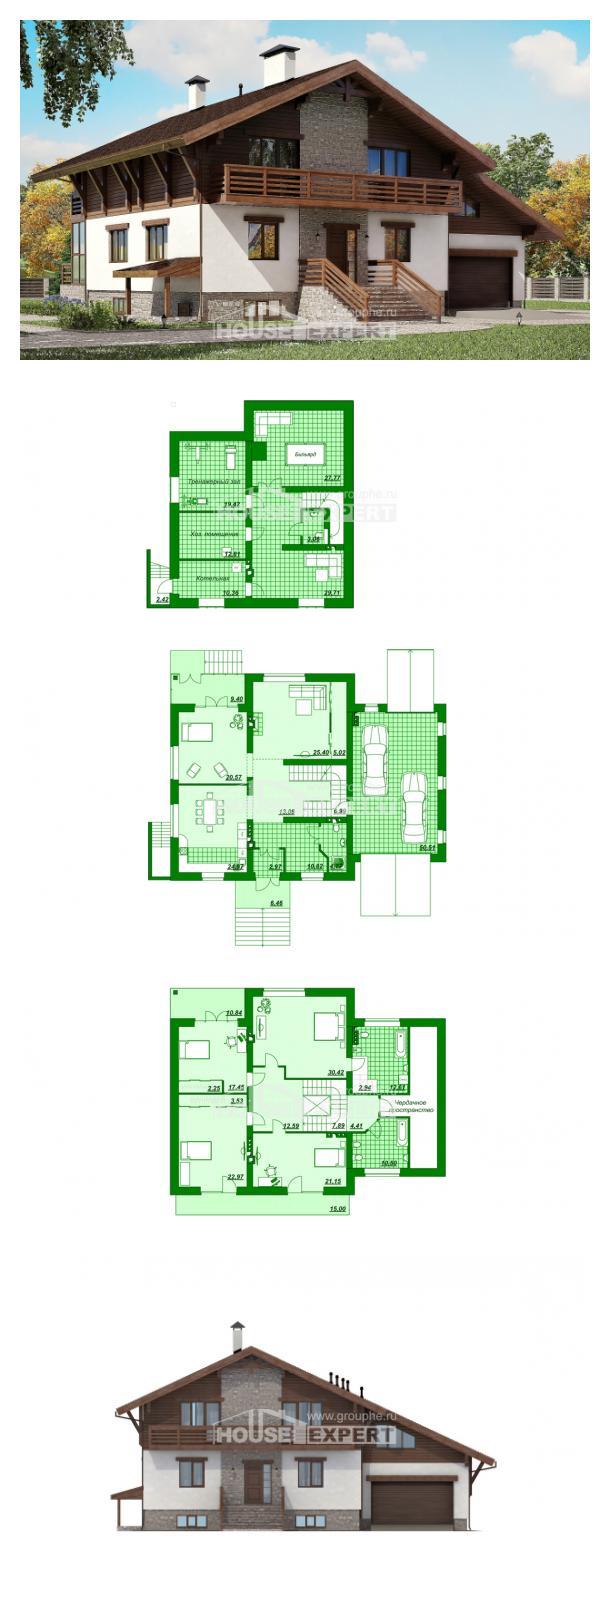 Plan 420-001-R | House Expert